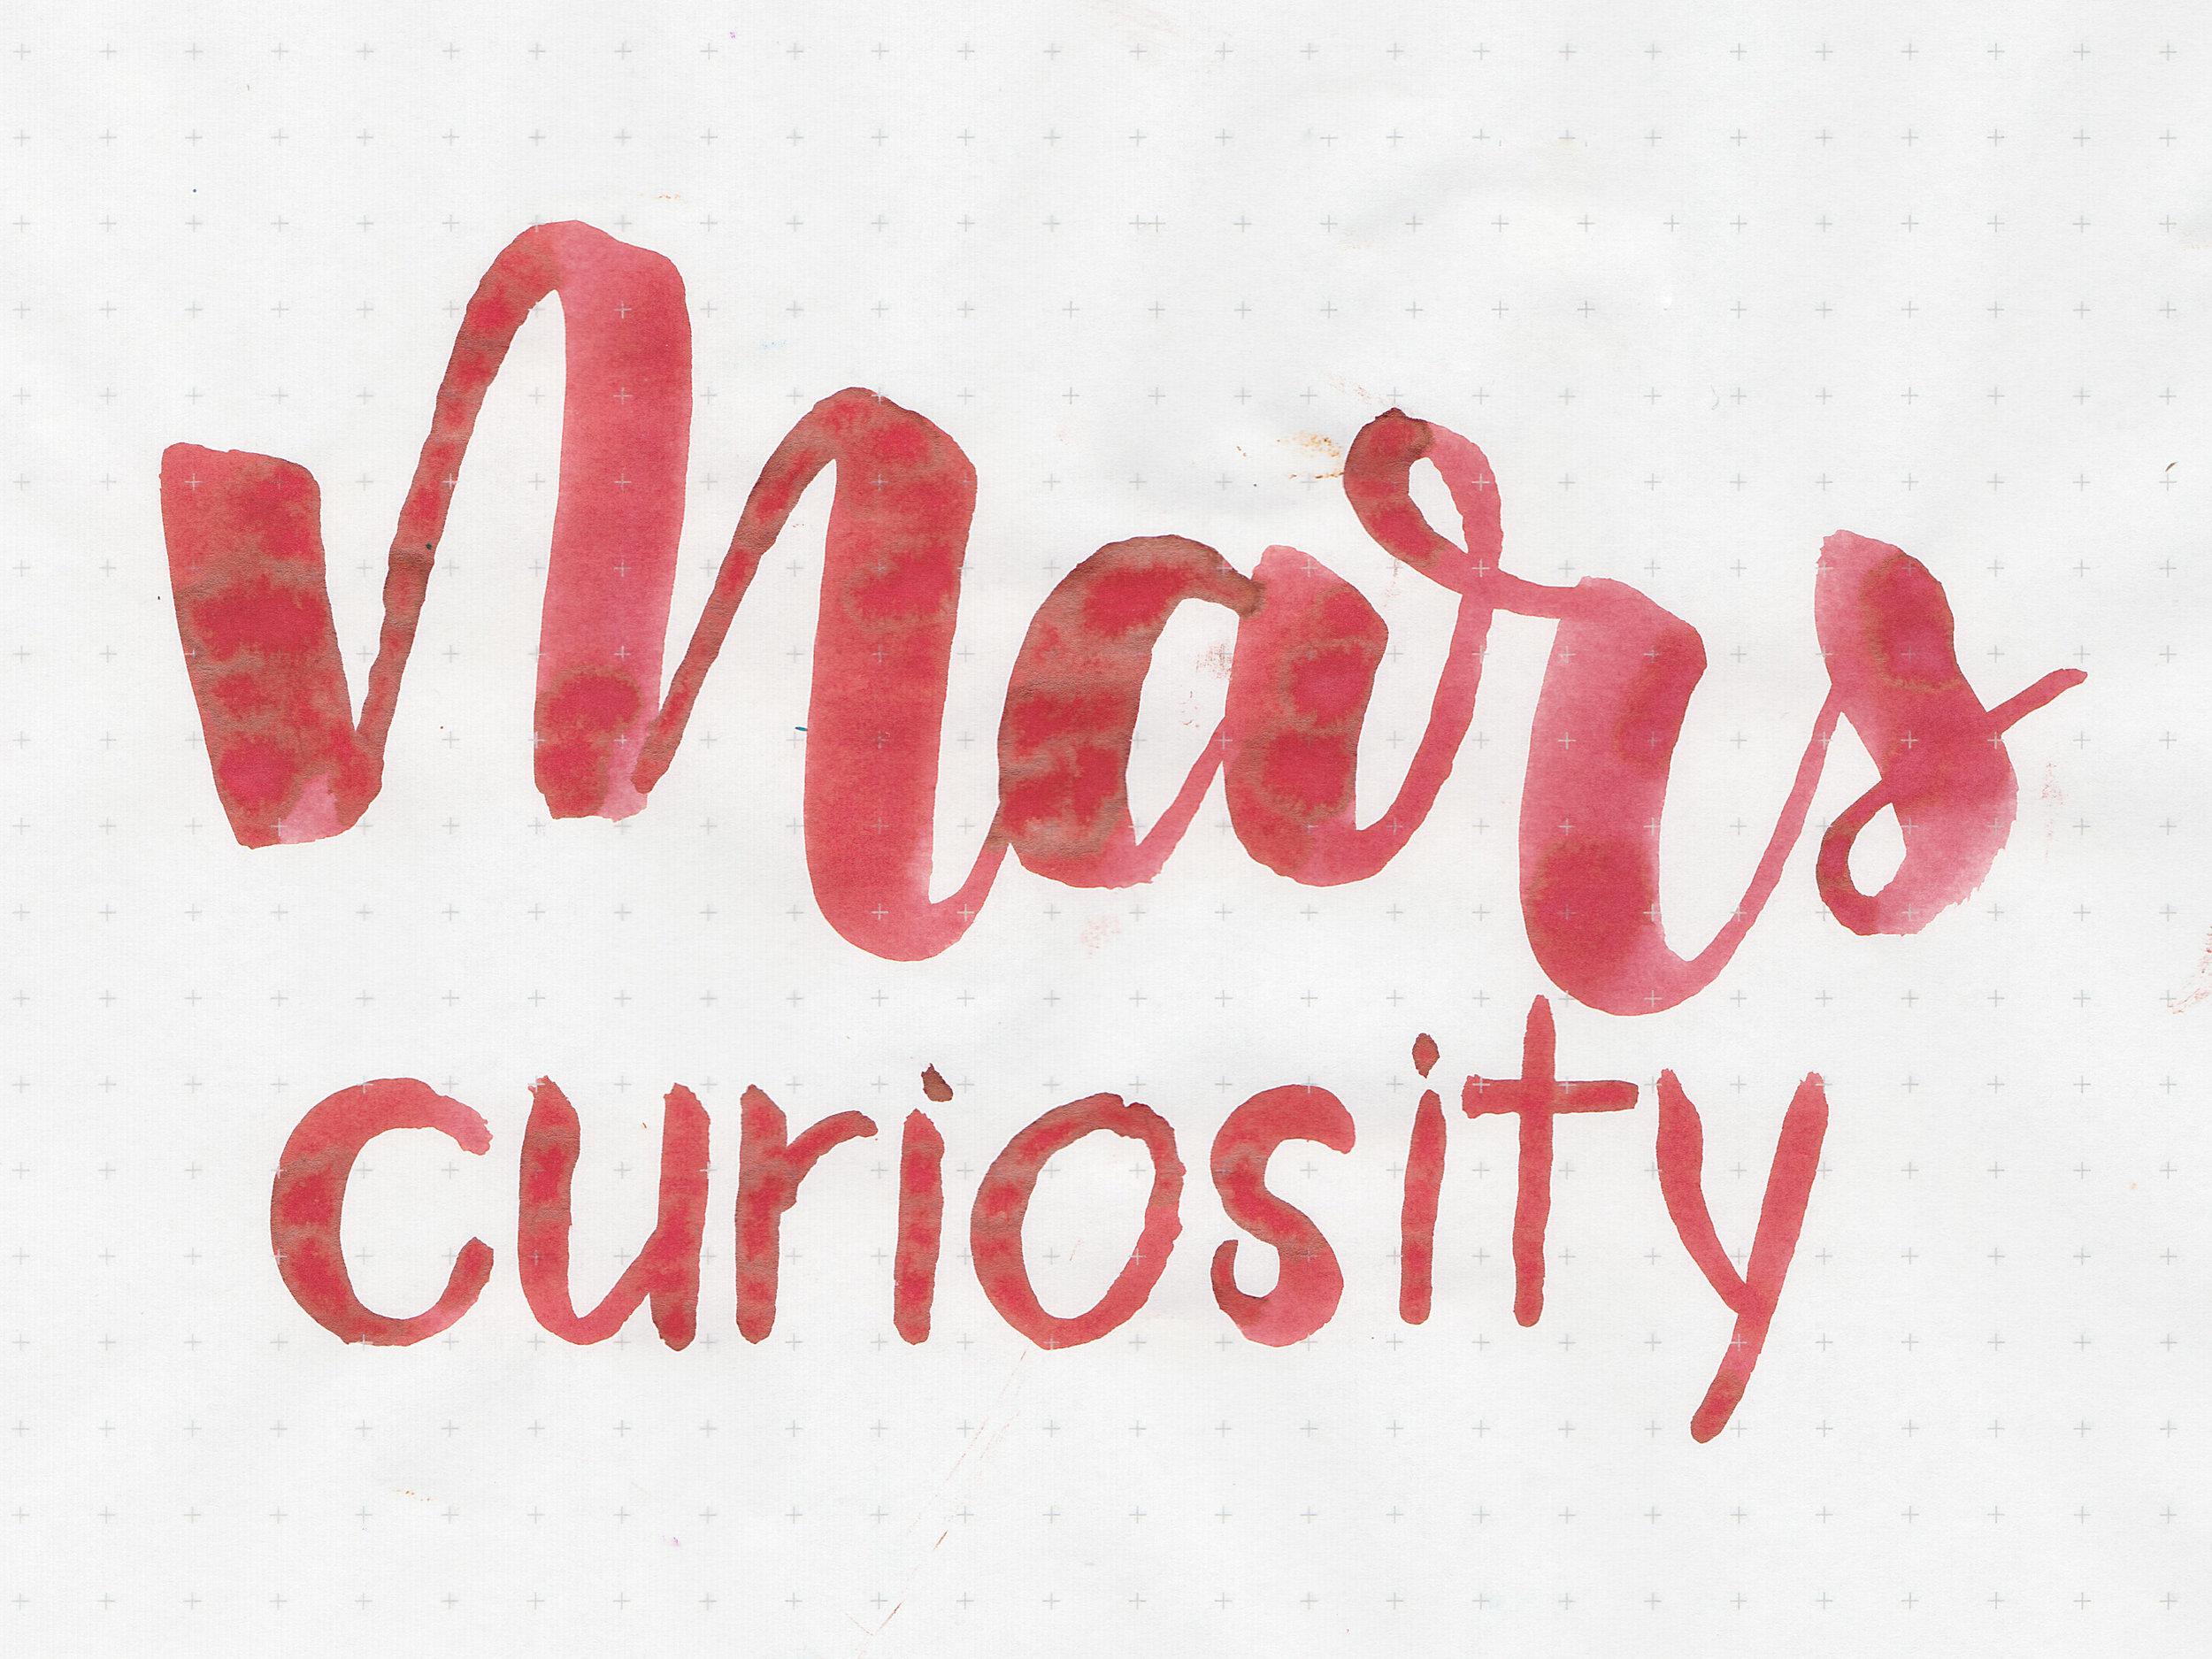 cv-mars-curiosity-2.jpg